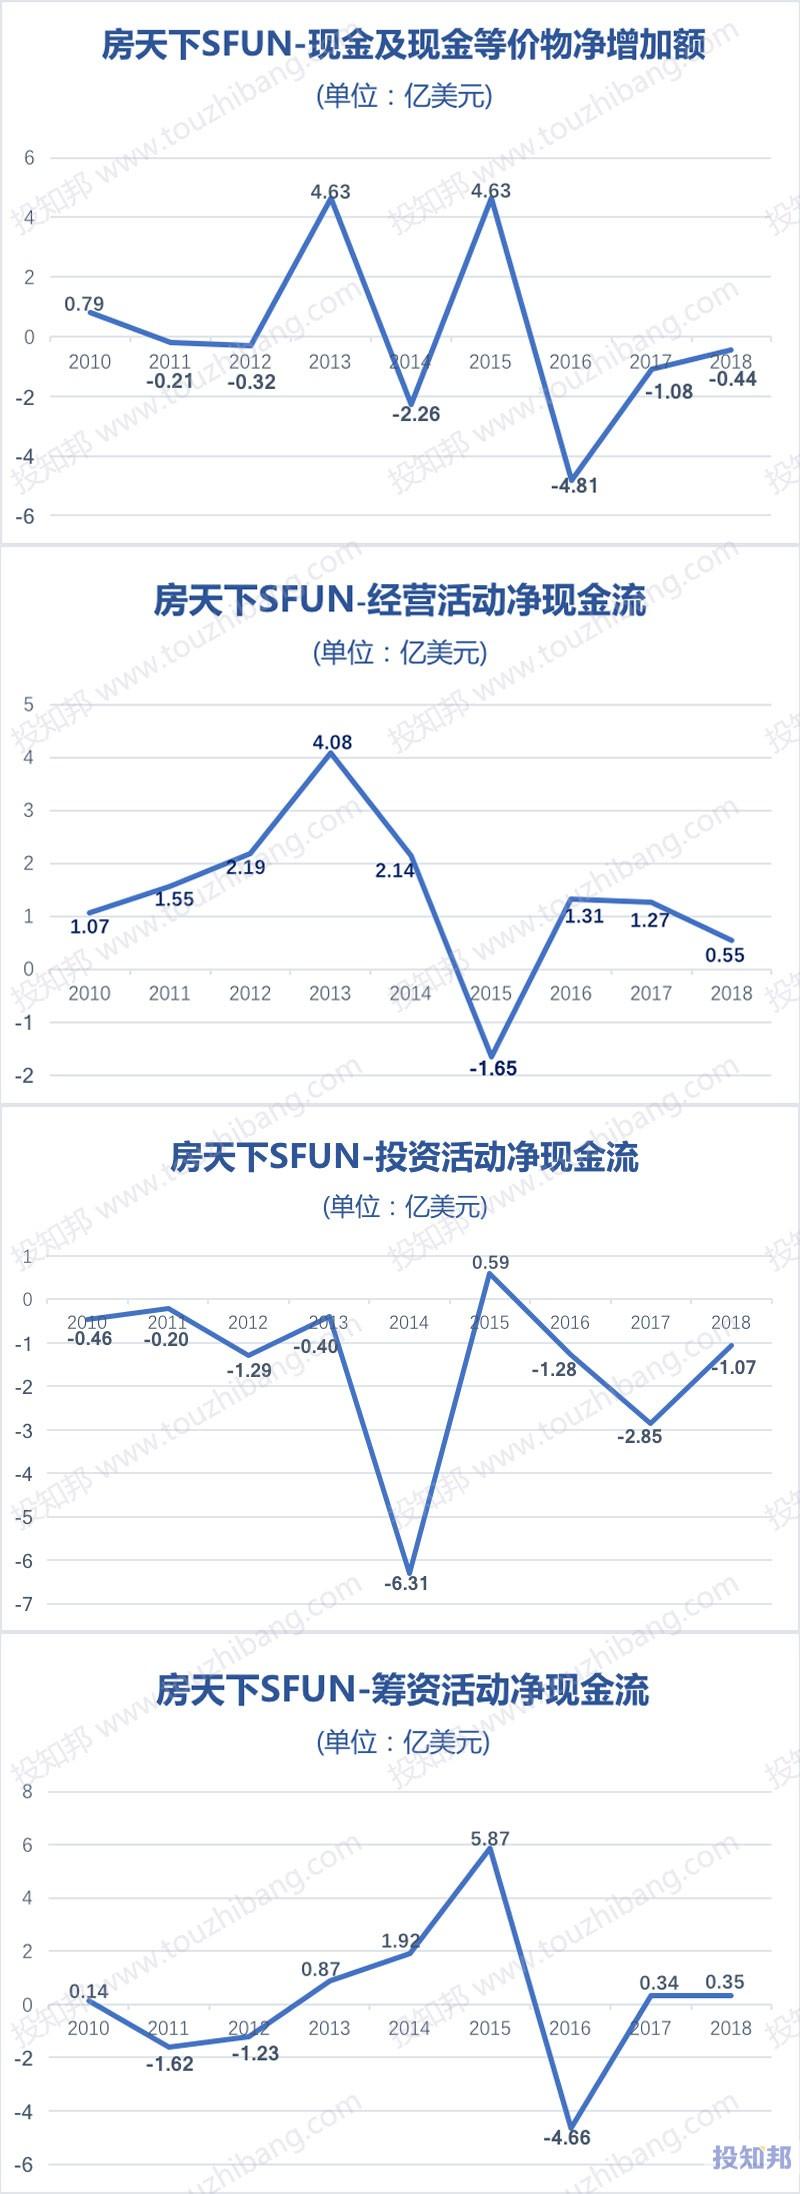 图解房天下(SFUN)财报数据(2010年~2018年)